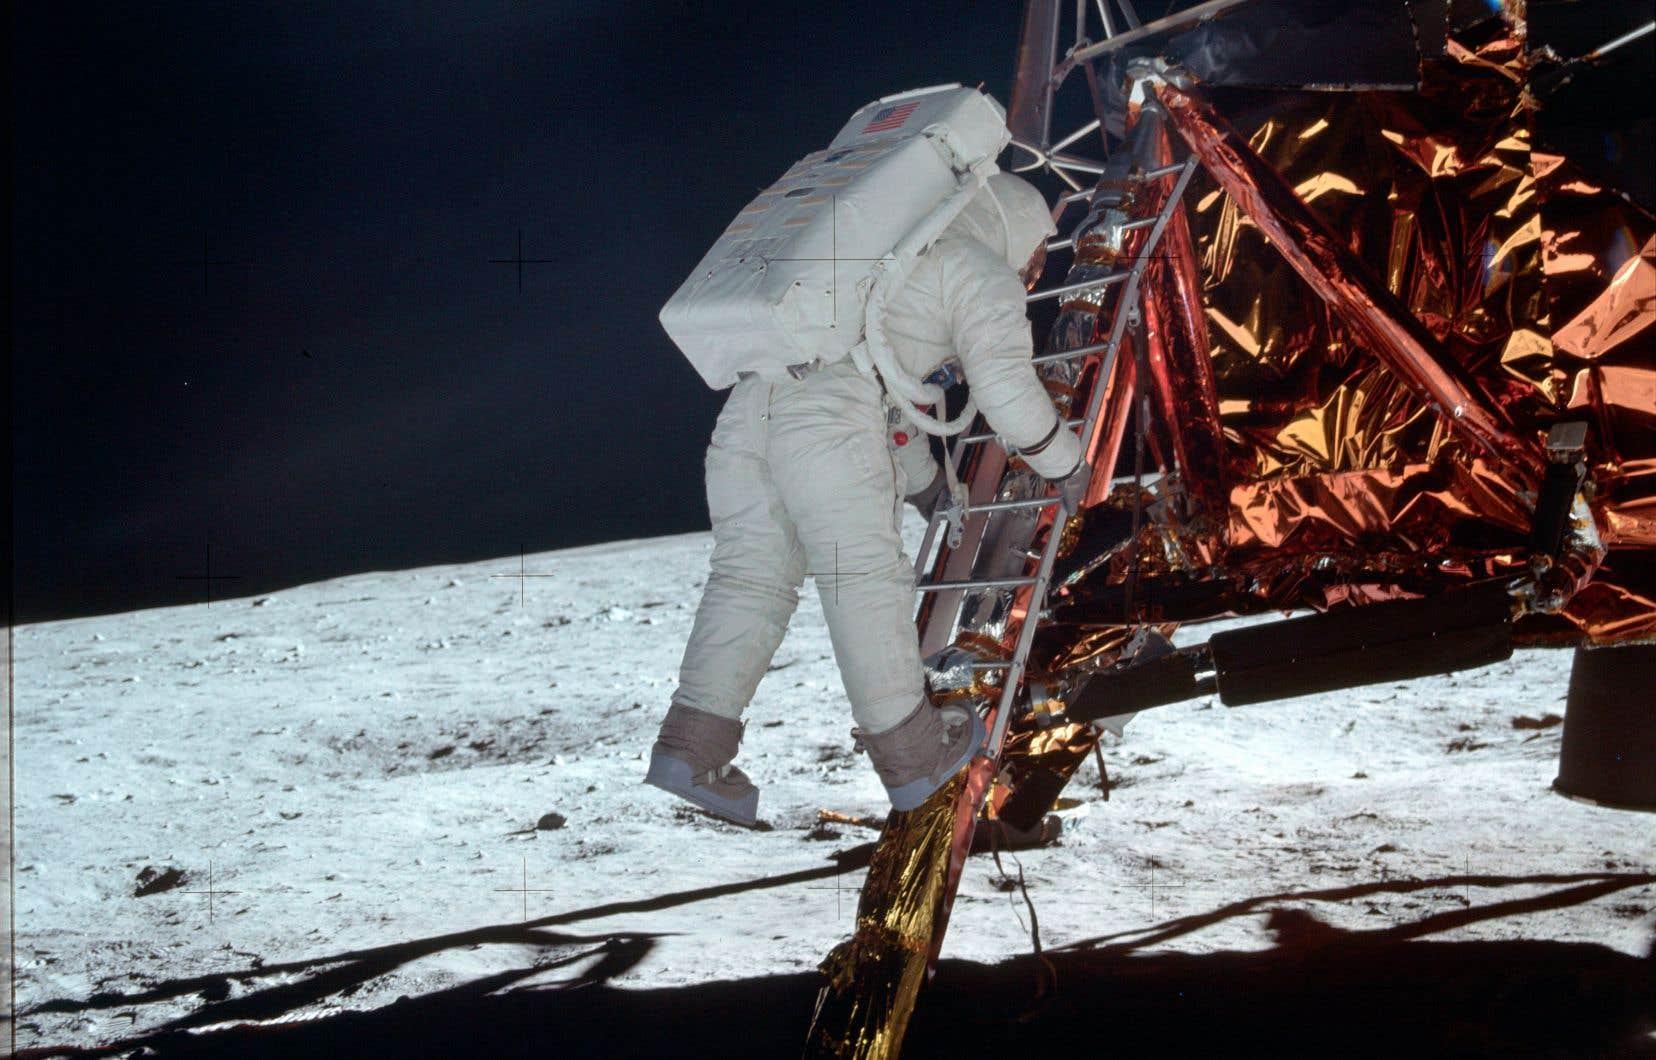 Buzz Aldrin est descendu le long d'une patte du module lunaire, le 21 juillet 1969, pour fouler le sol de la Lune.